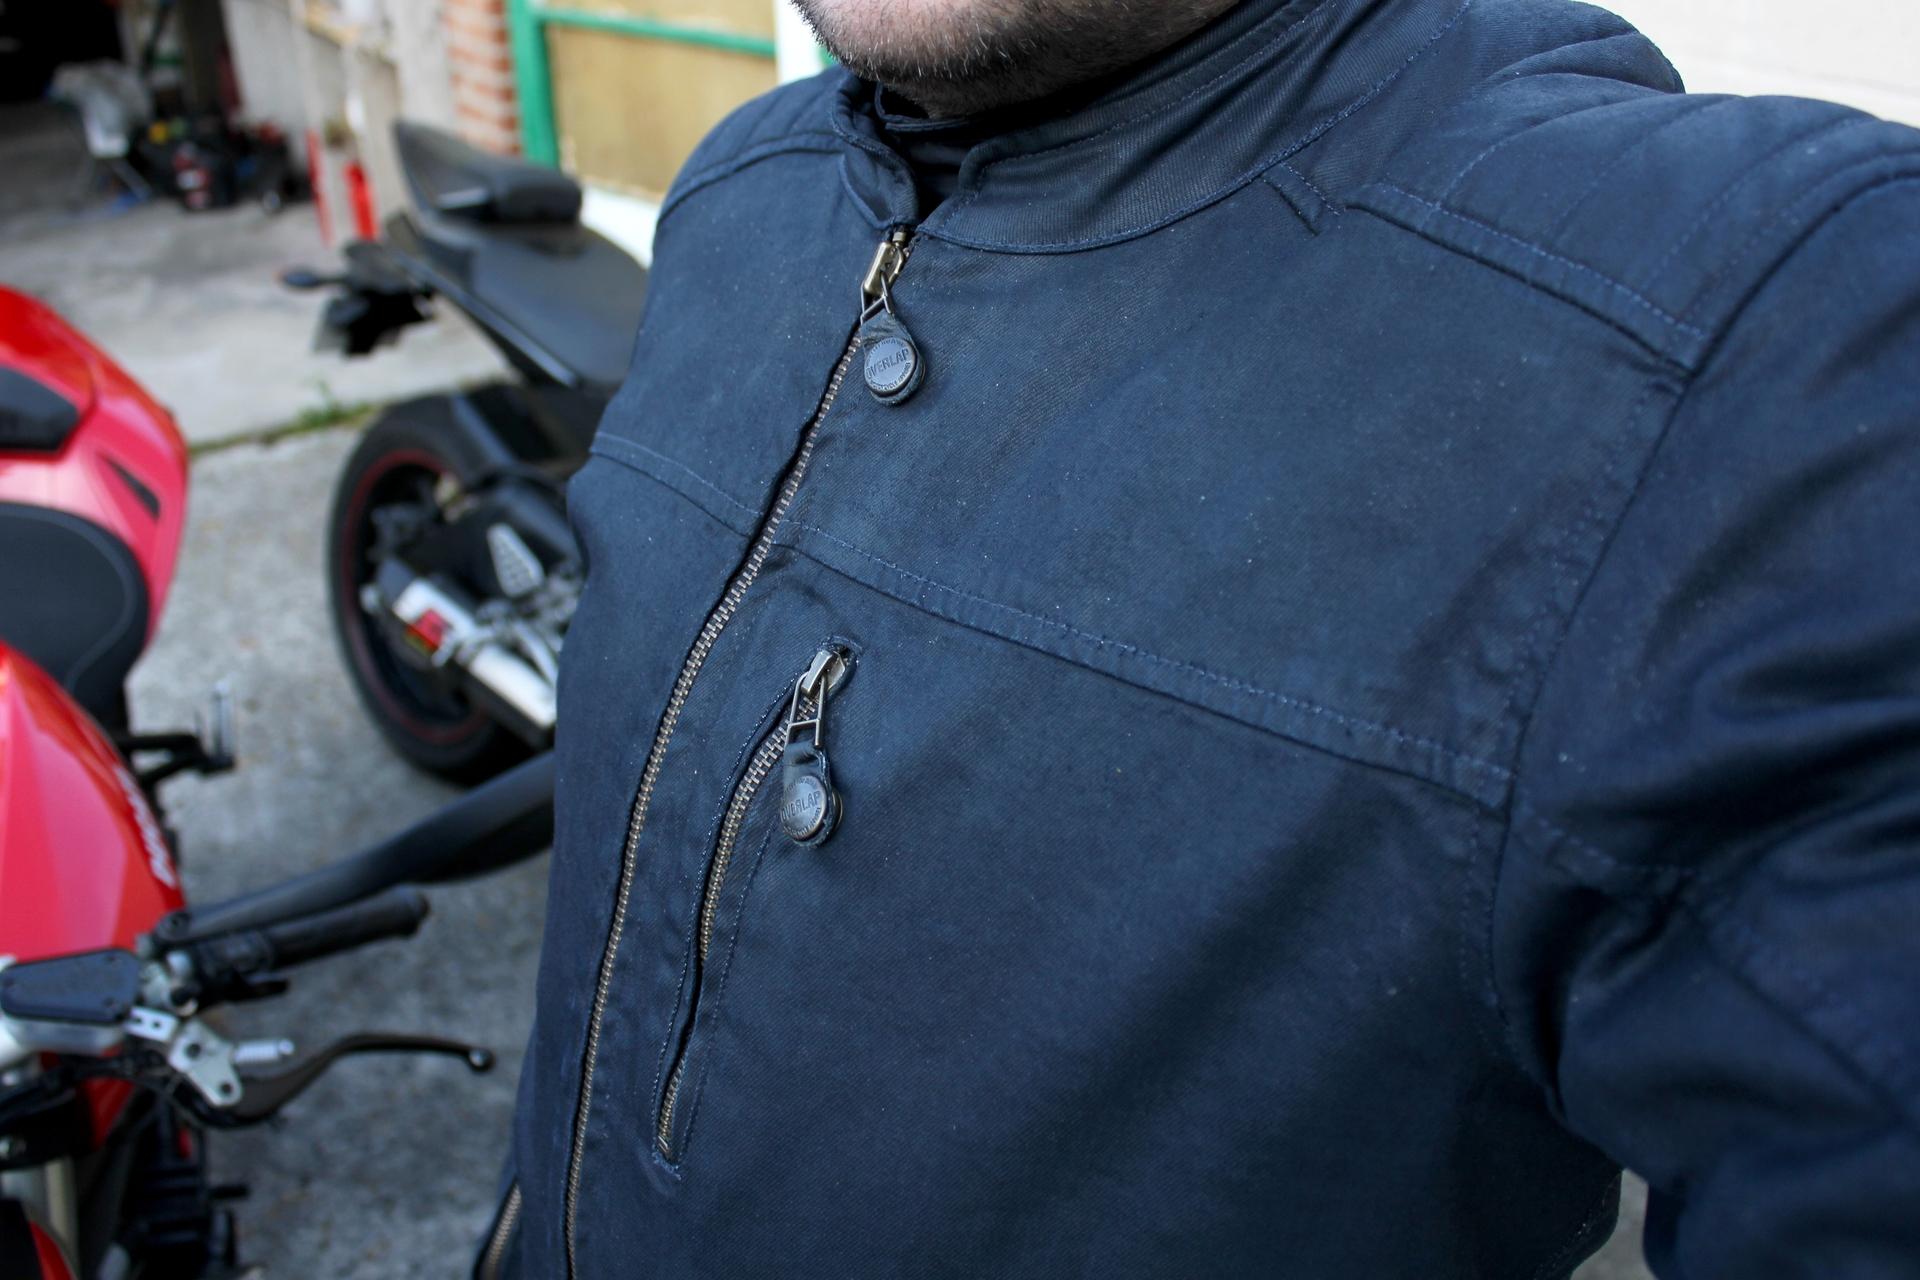 Detalle de la Overlap Garry por delante, con la cremallera principal y el bolsillo a la altura del pecho